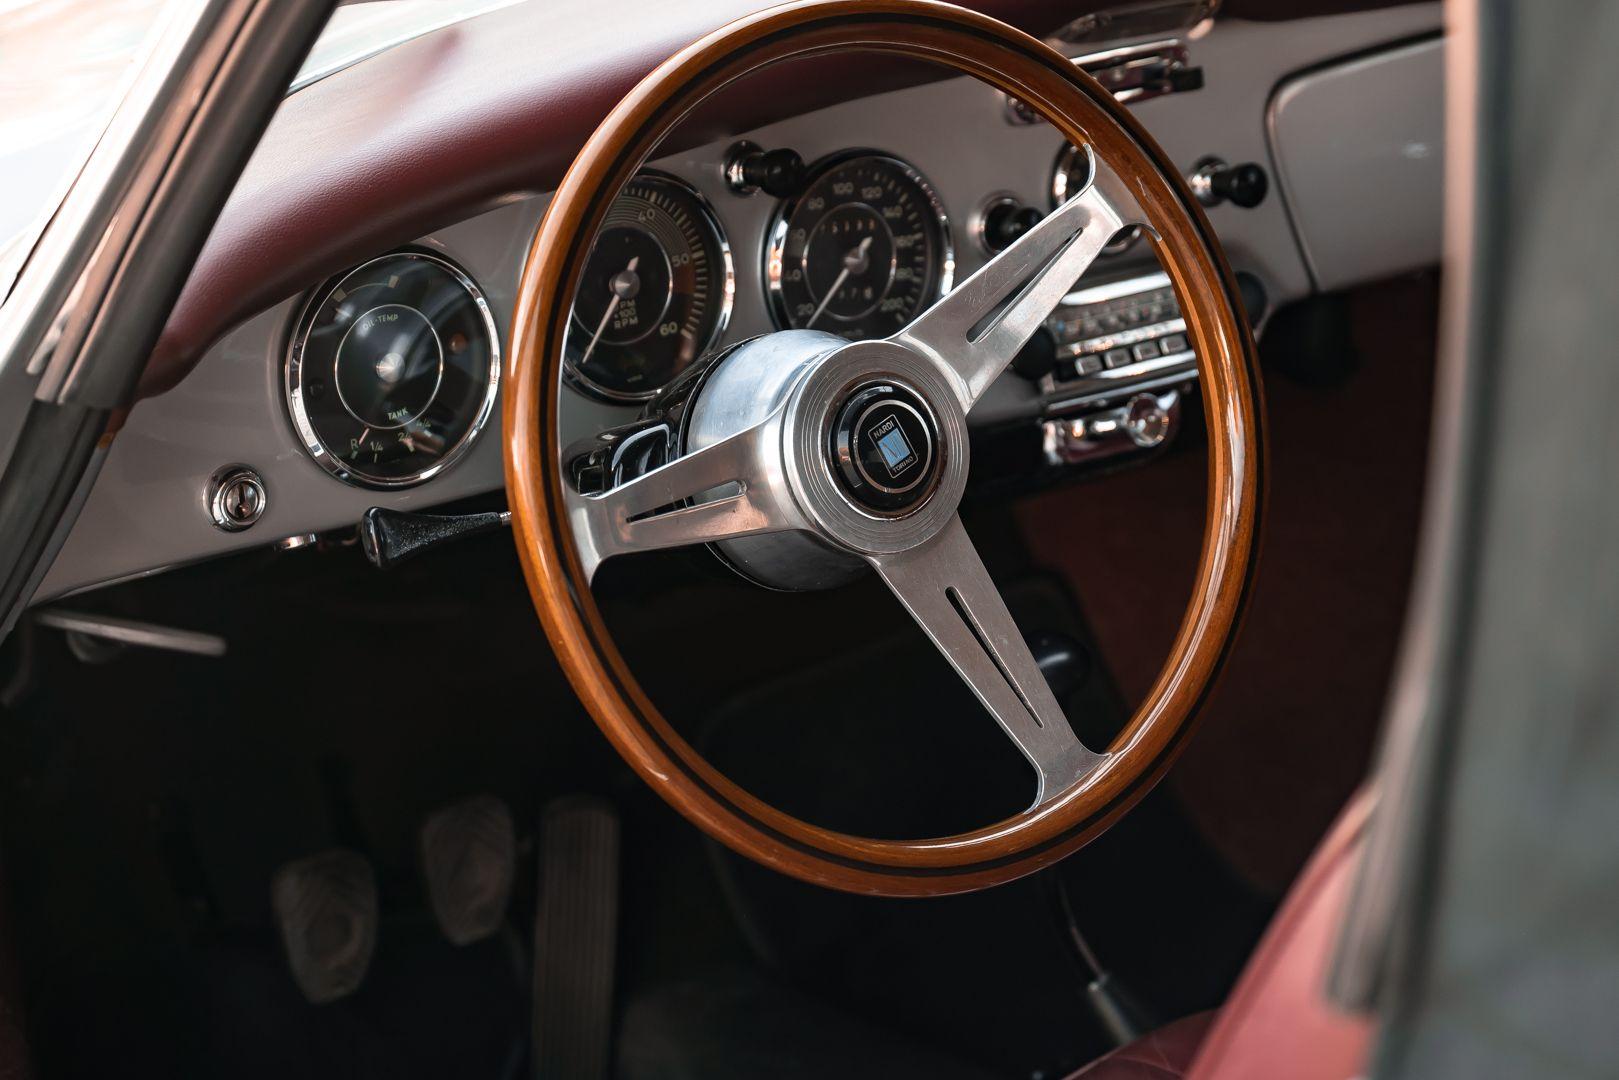 1963 Porsche 356 B 1600 S Cabriolet 76236